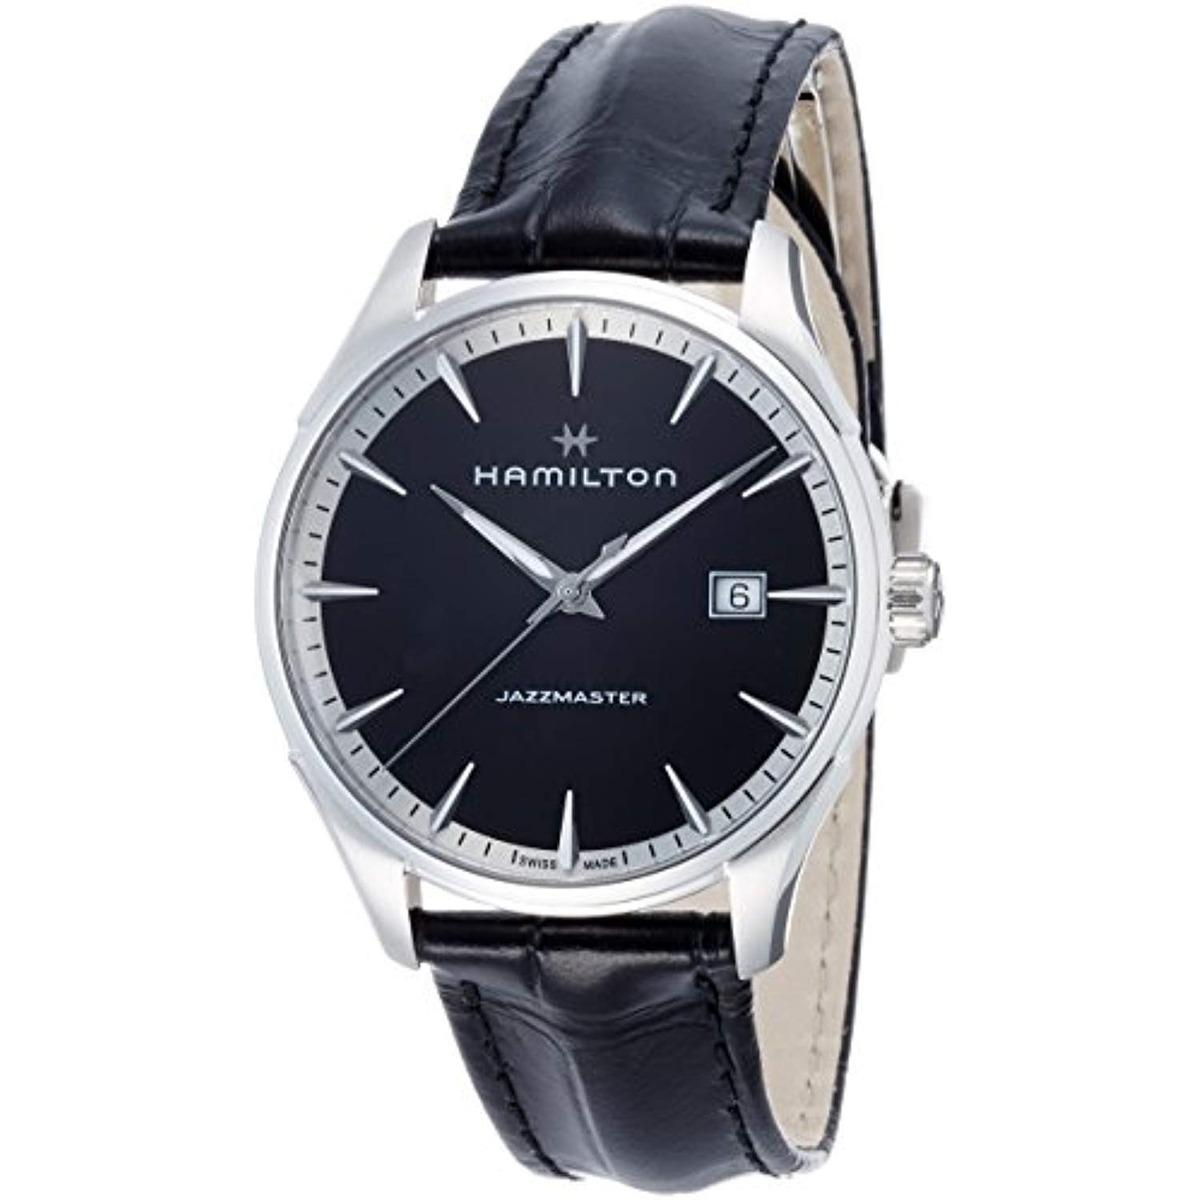 Reloj Hombre Hamilton Jazzmaster Esfera Negra